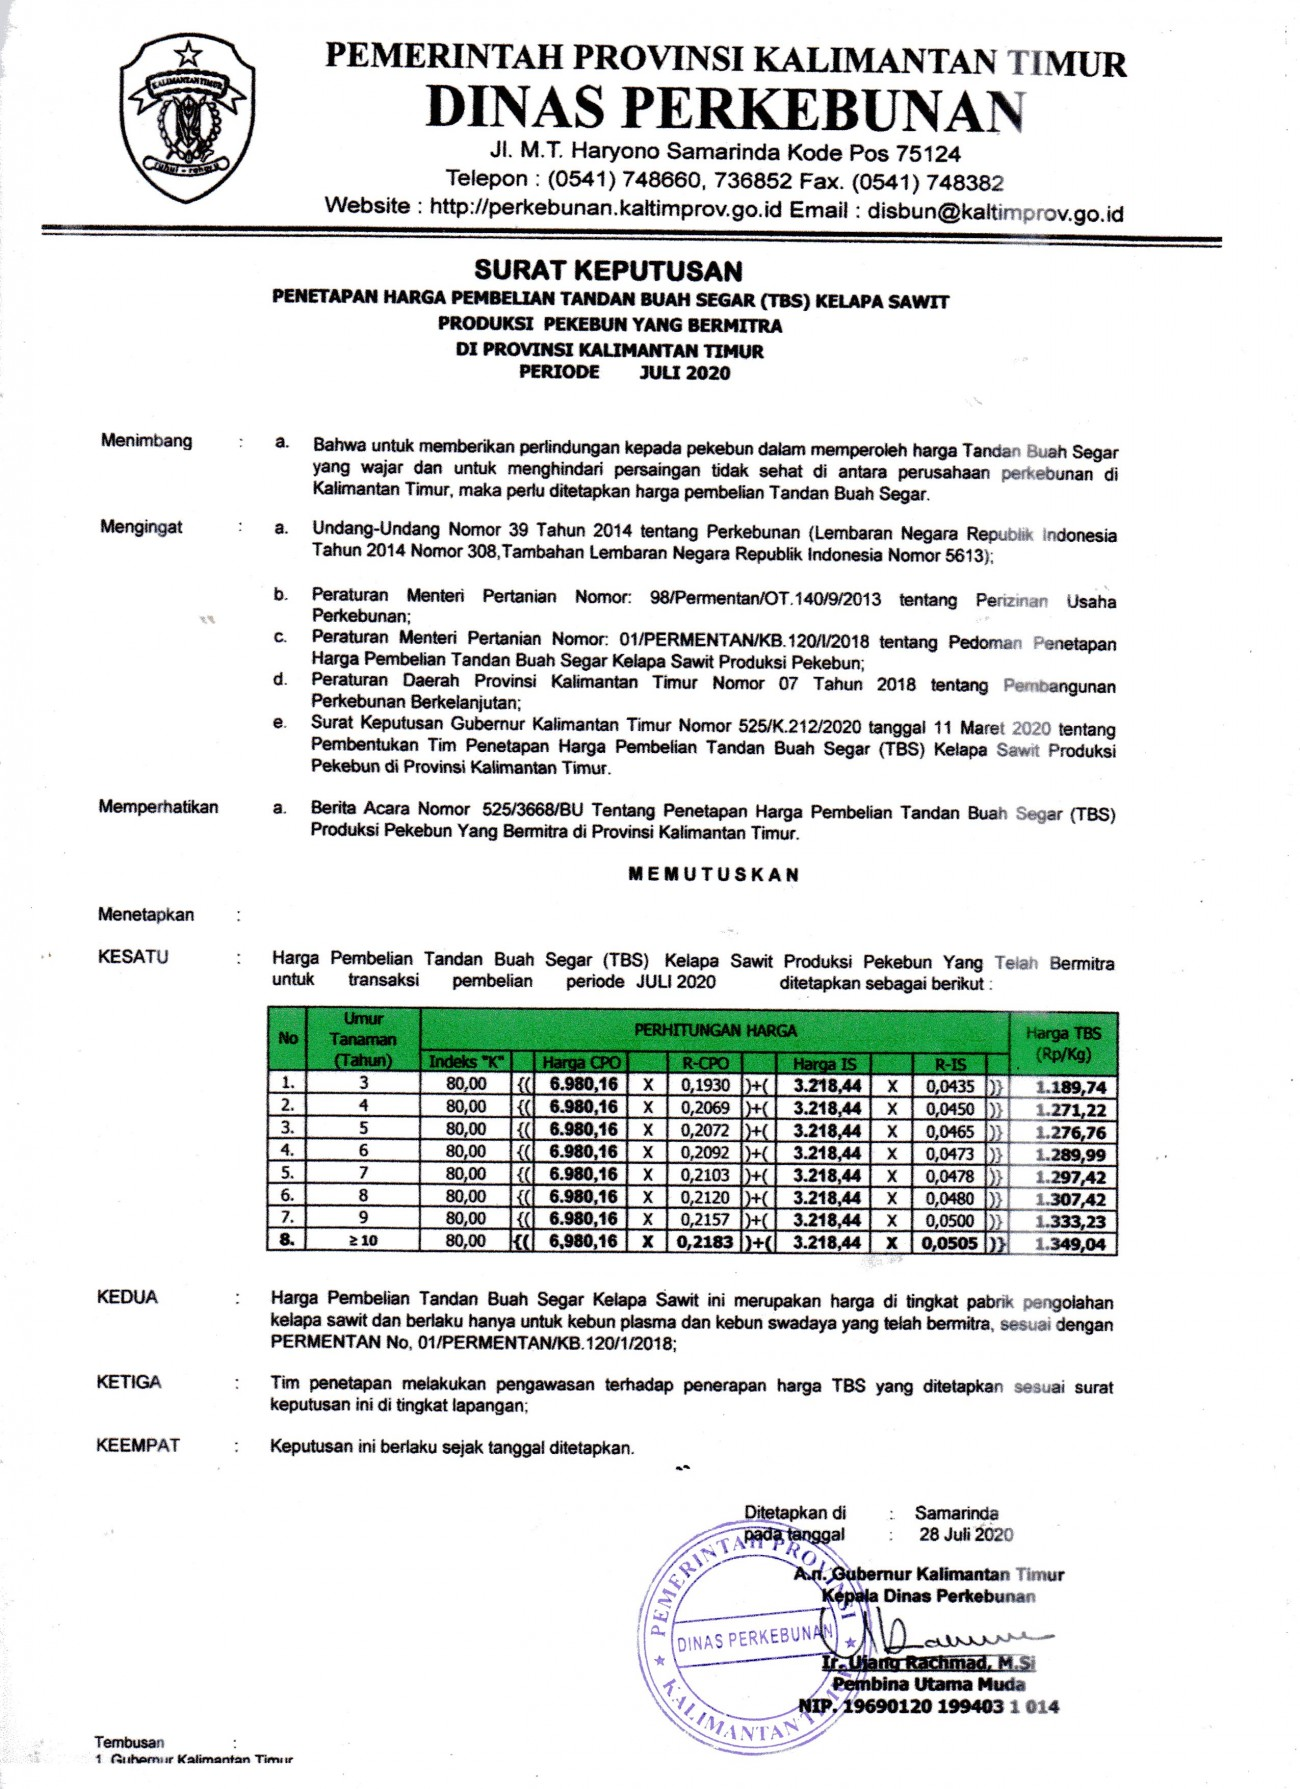 Informasi Harga TBS Kelapa Sawit Bagi Pekebun Bermitra Bulan Juli 2020